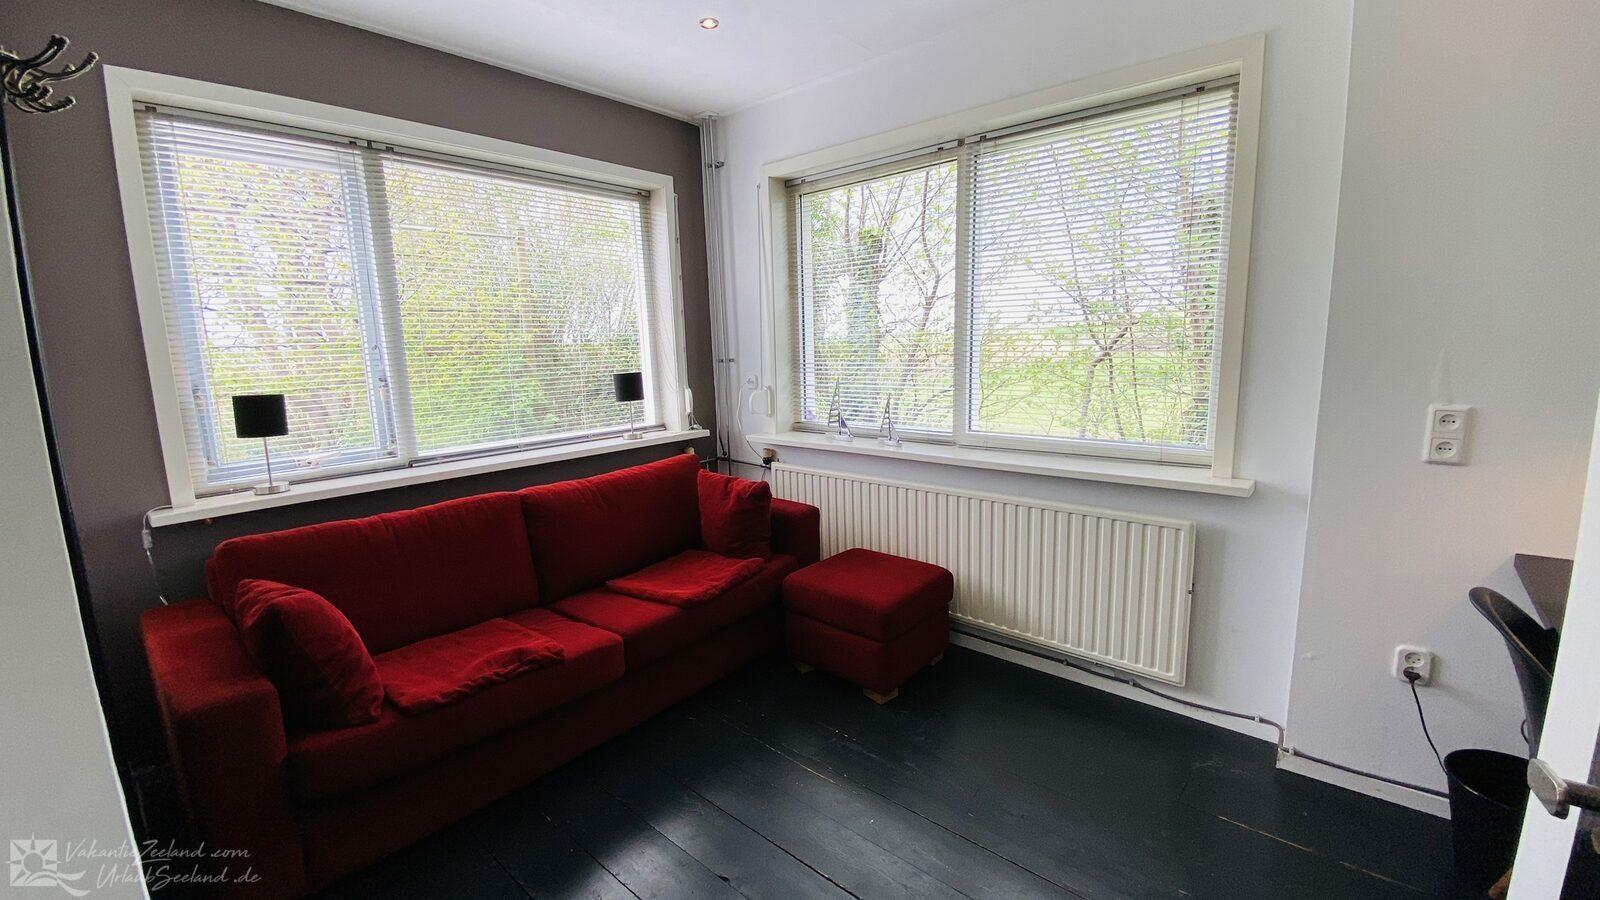 VZ764 Vakantiehuis in Sint-Philipsland